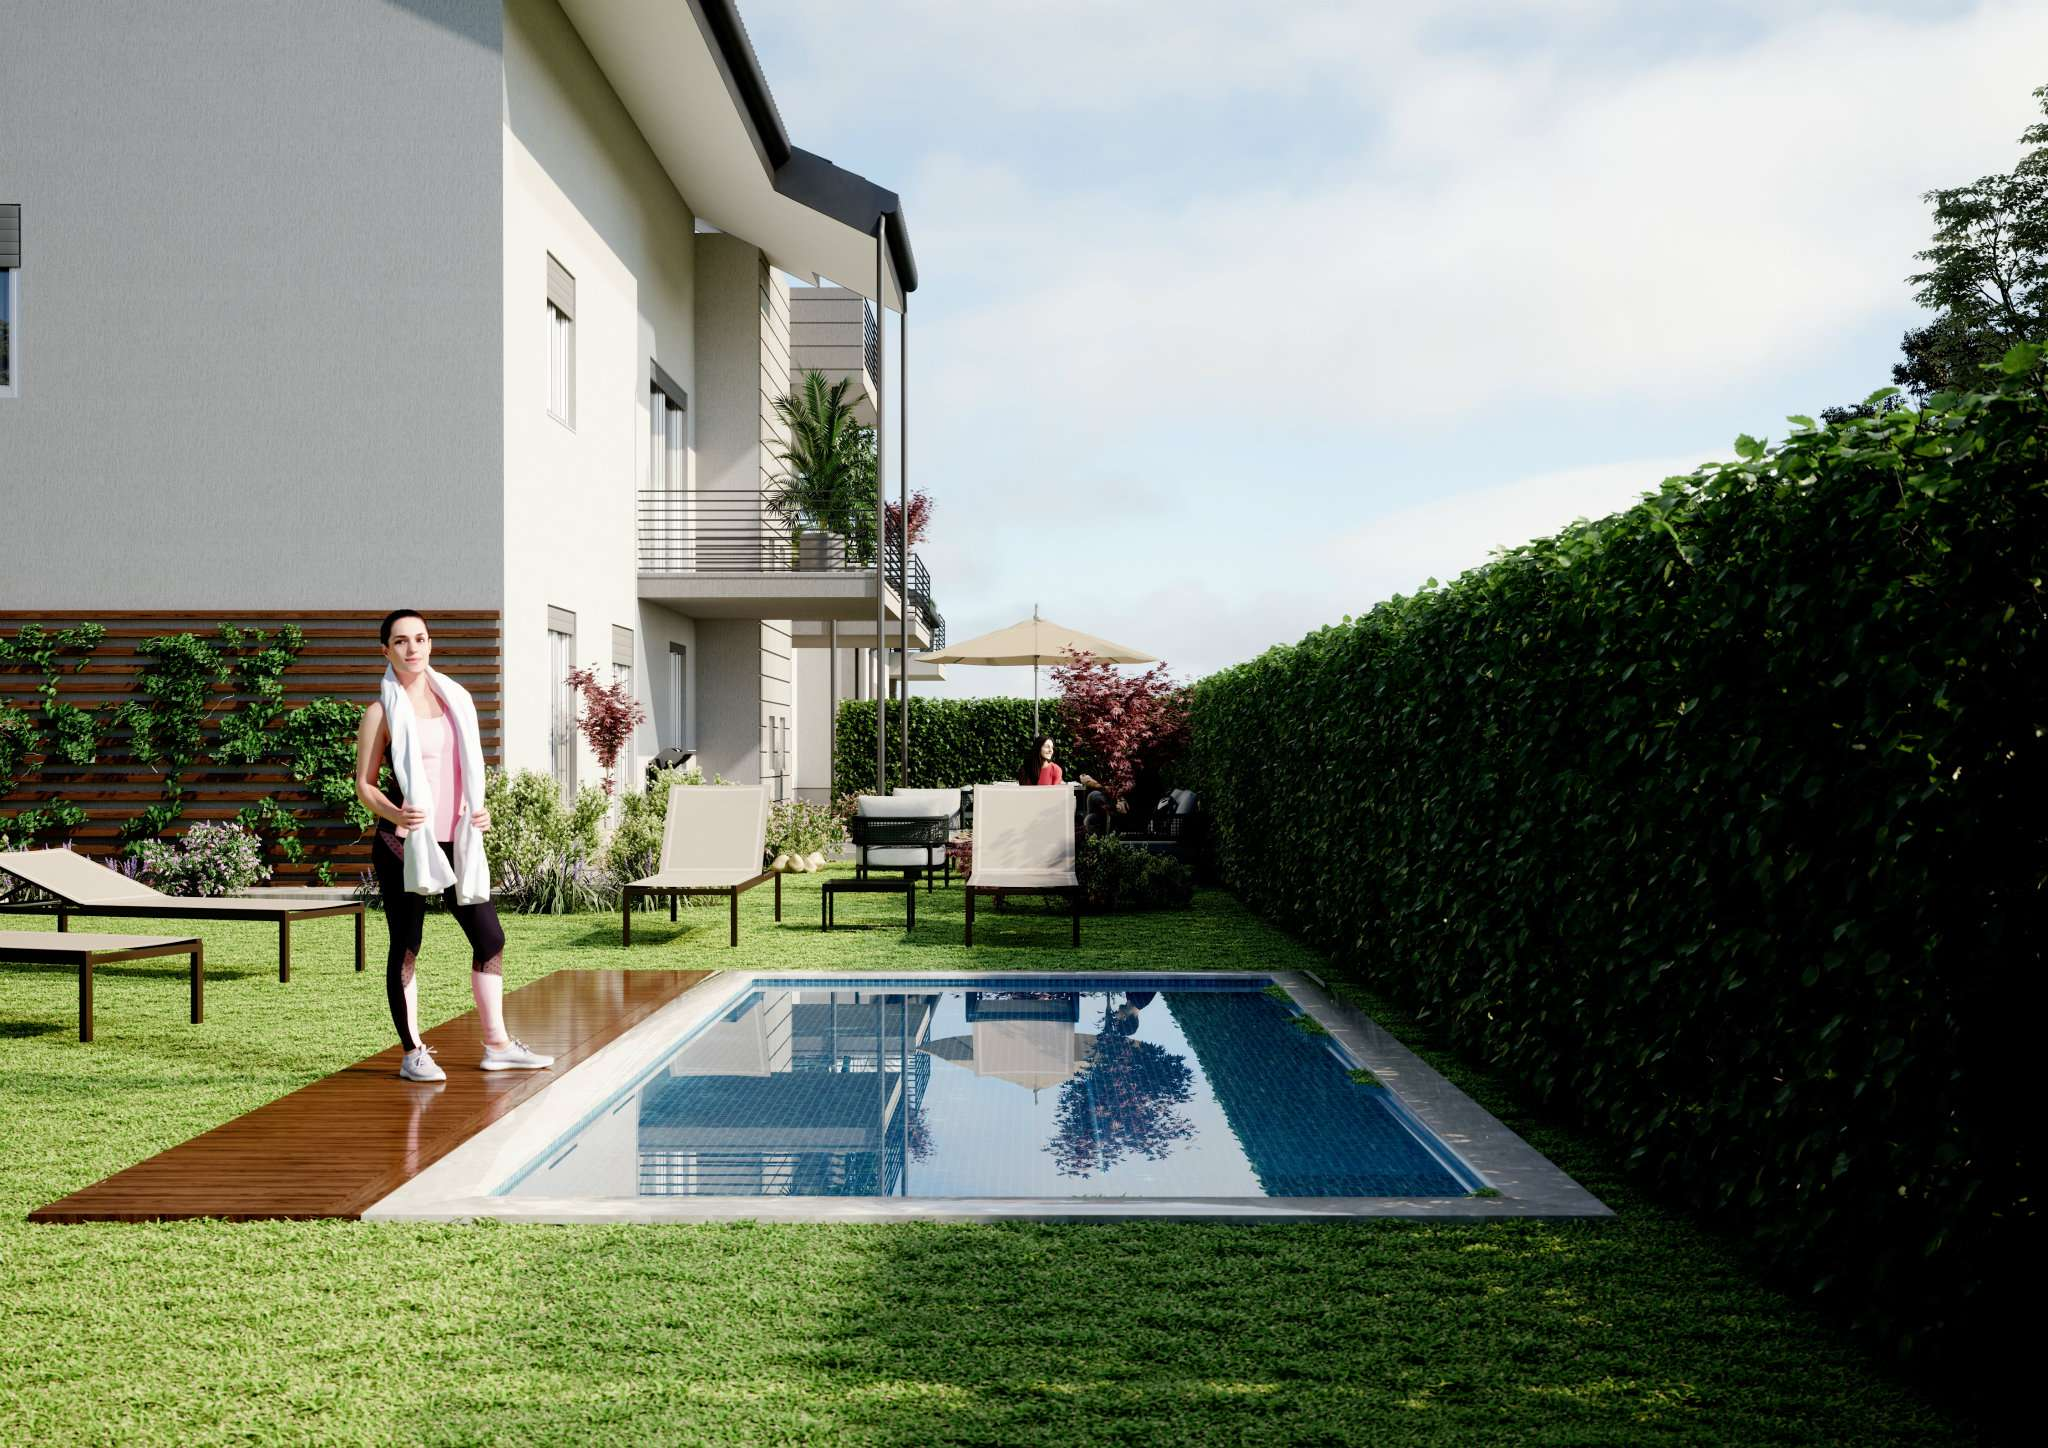 Appartamento in vendita a Mezzago, 3 locali, prezzo € 230.000 | CambioCasa.it